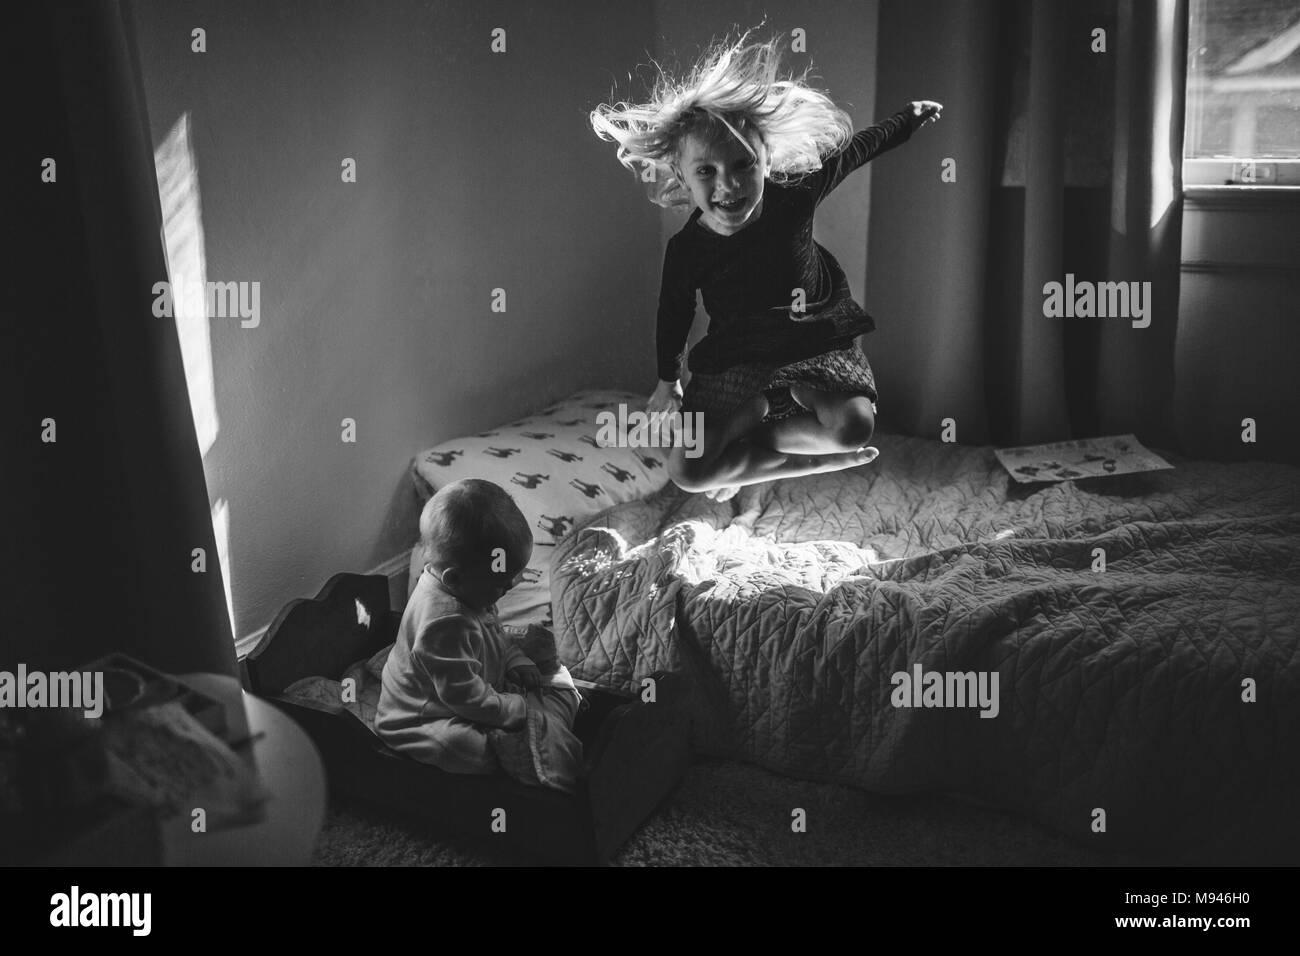 Chica saltando en la cama con su bebé junto a ella Imagen De Stock